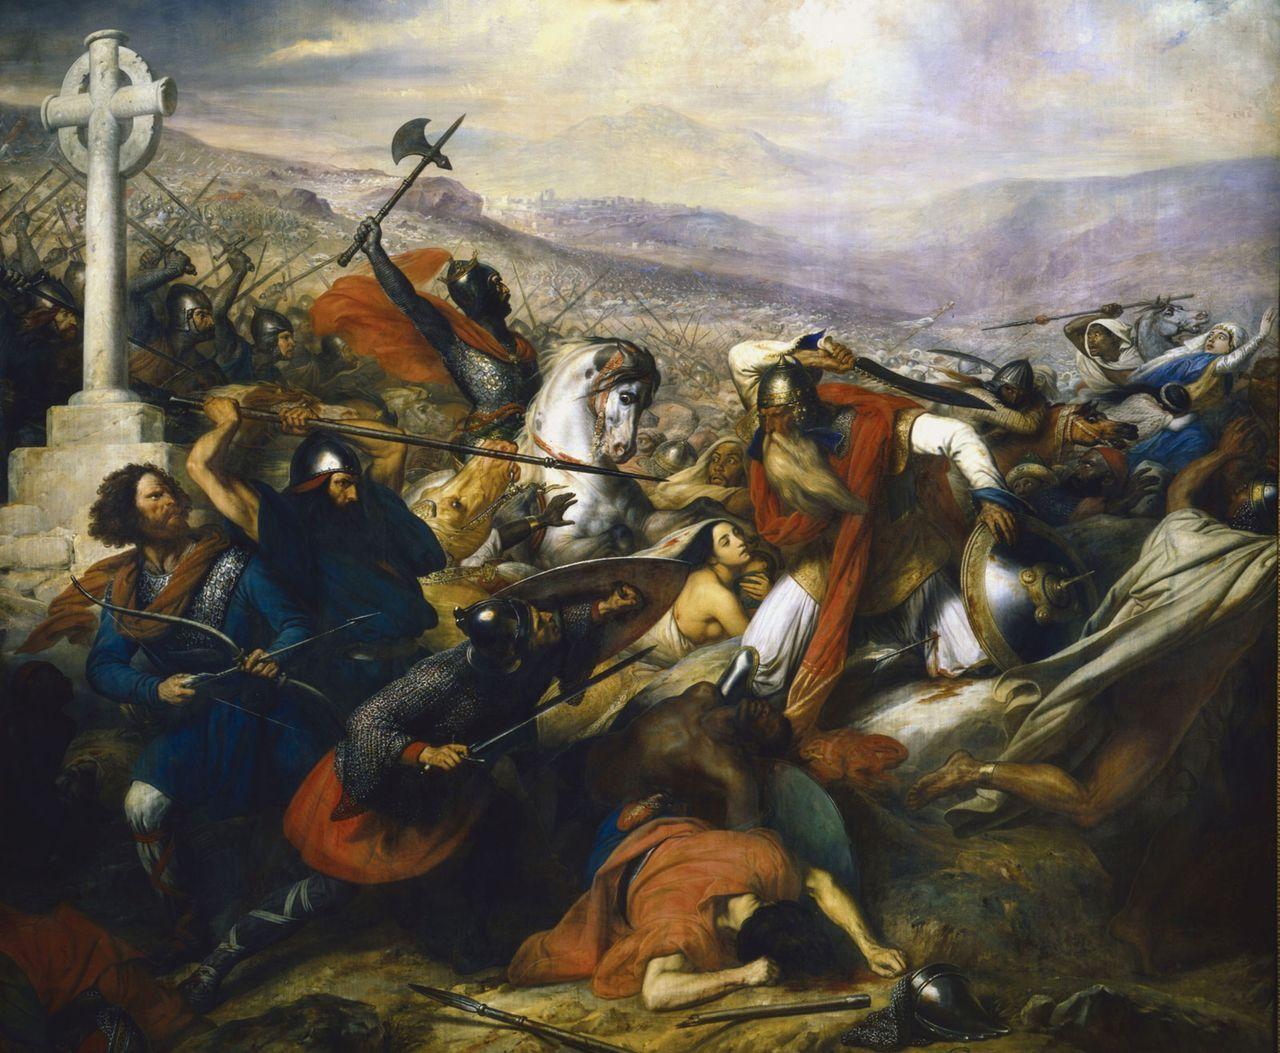 Una gran batalla se libró en el 732 D.C. Enfrentó a los francos (vencedores) y al Califato Omeya. ¿Cómo se llama la batalla?